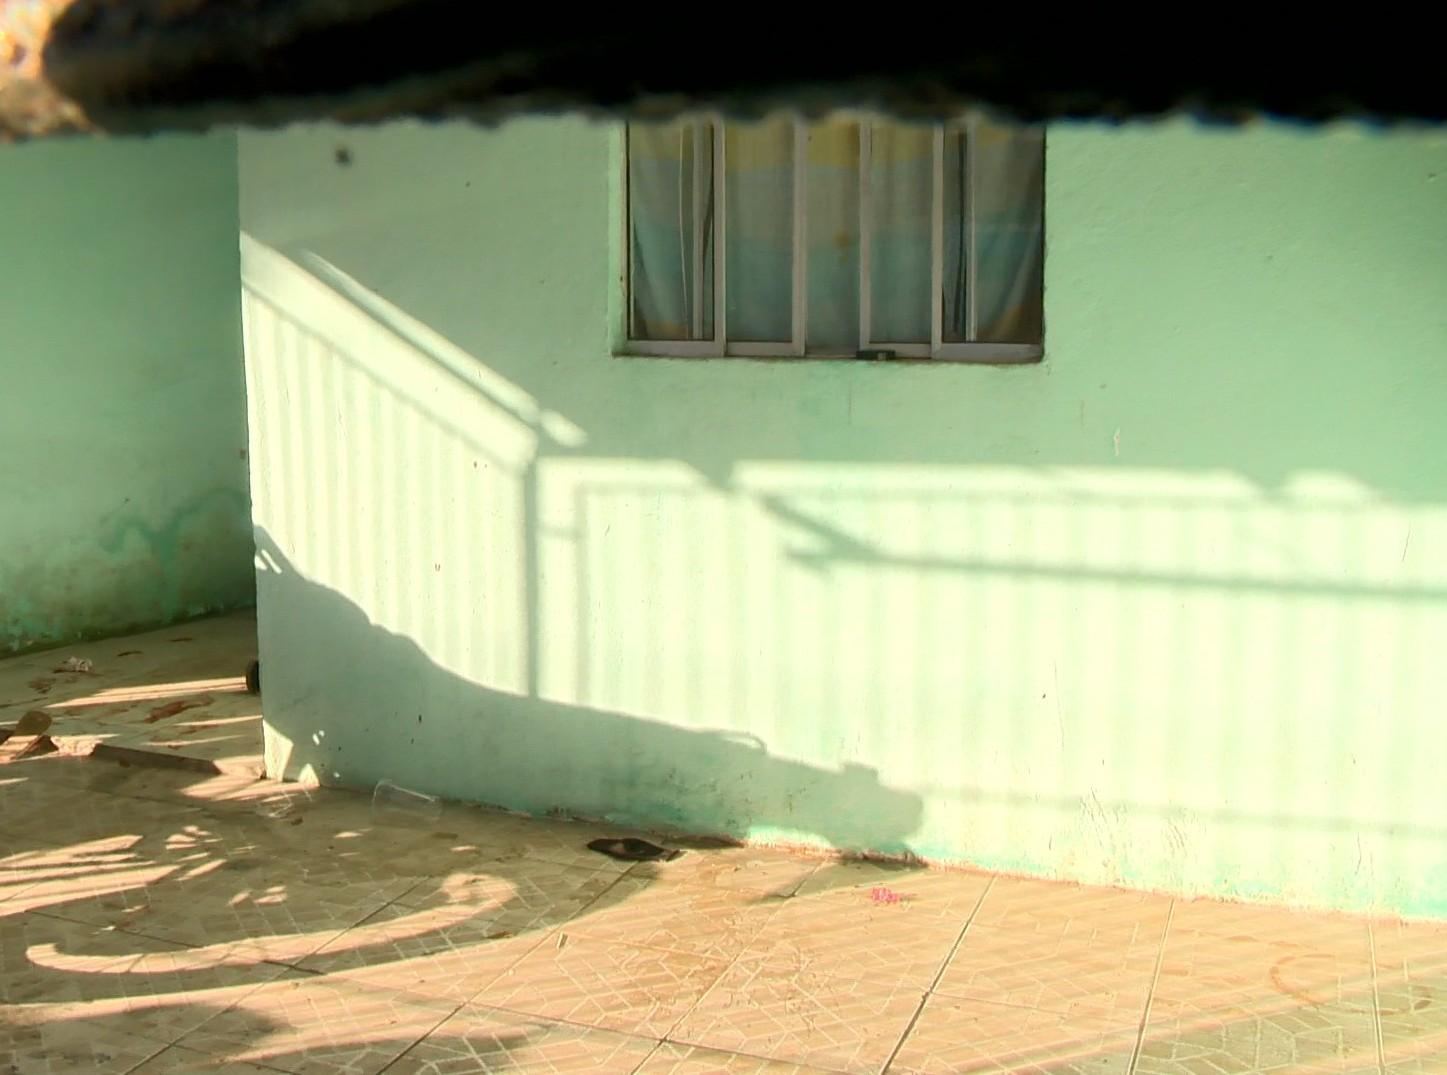 Suspeita de participar de tentativa de assassinato de jovem em Cariacica, ES, é presa